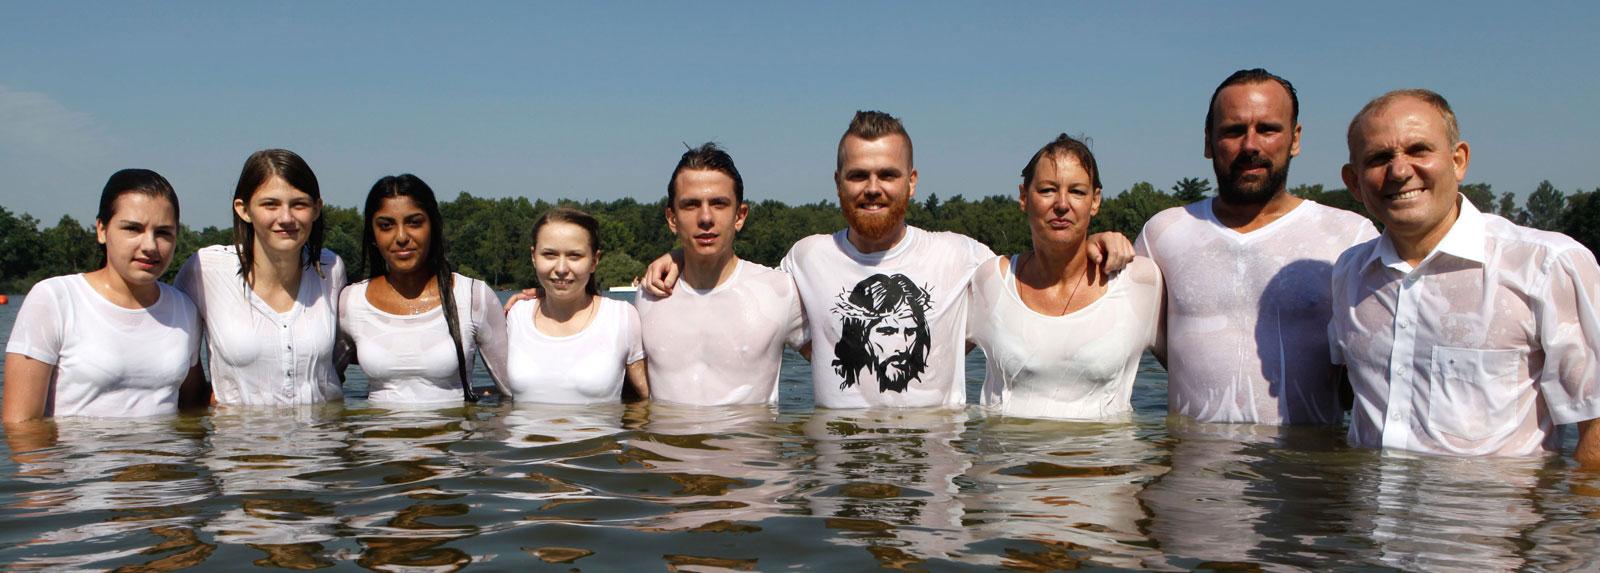 Die sieben Täuflinge nebst Pastor Alexander Zeeb (r.) und Jugendreferent Jakob Grundmann (4.v.r.) im Dülmener See nach vollzogener Taufe. © Horst Martens